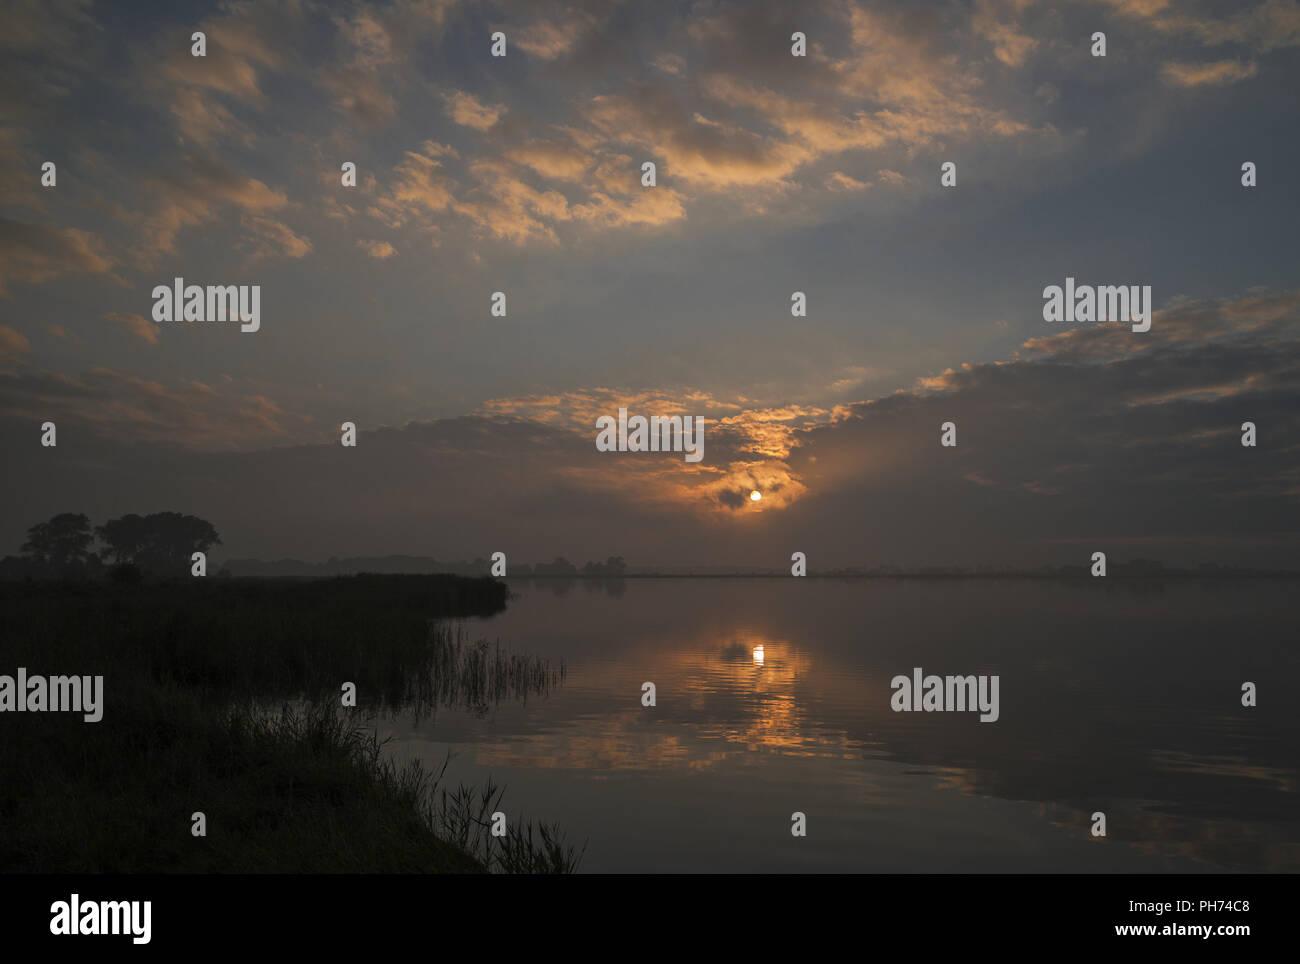 Ruegen - evening light in the Schoritzer Wiek - Stock Image